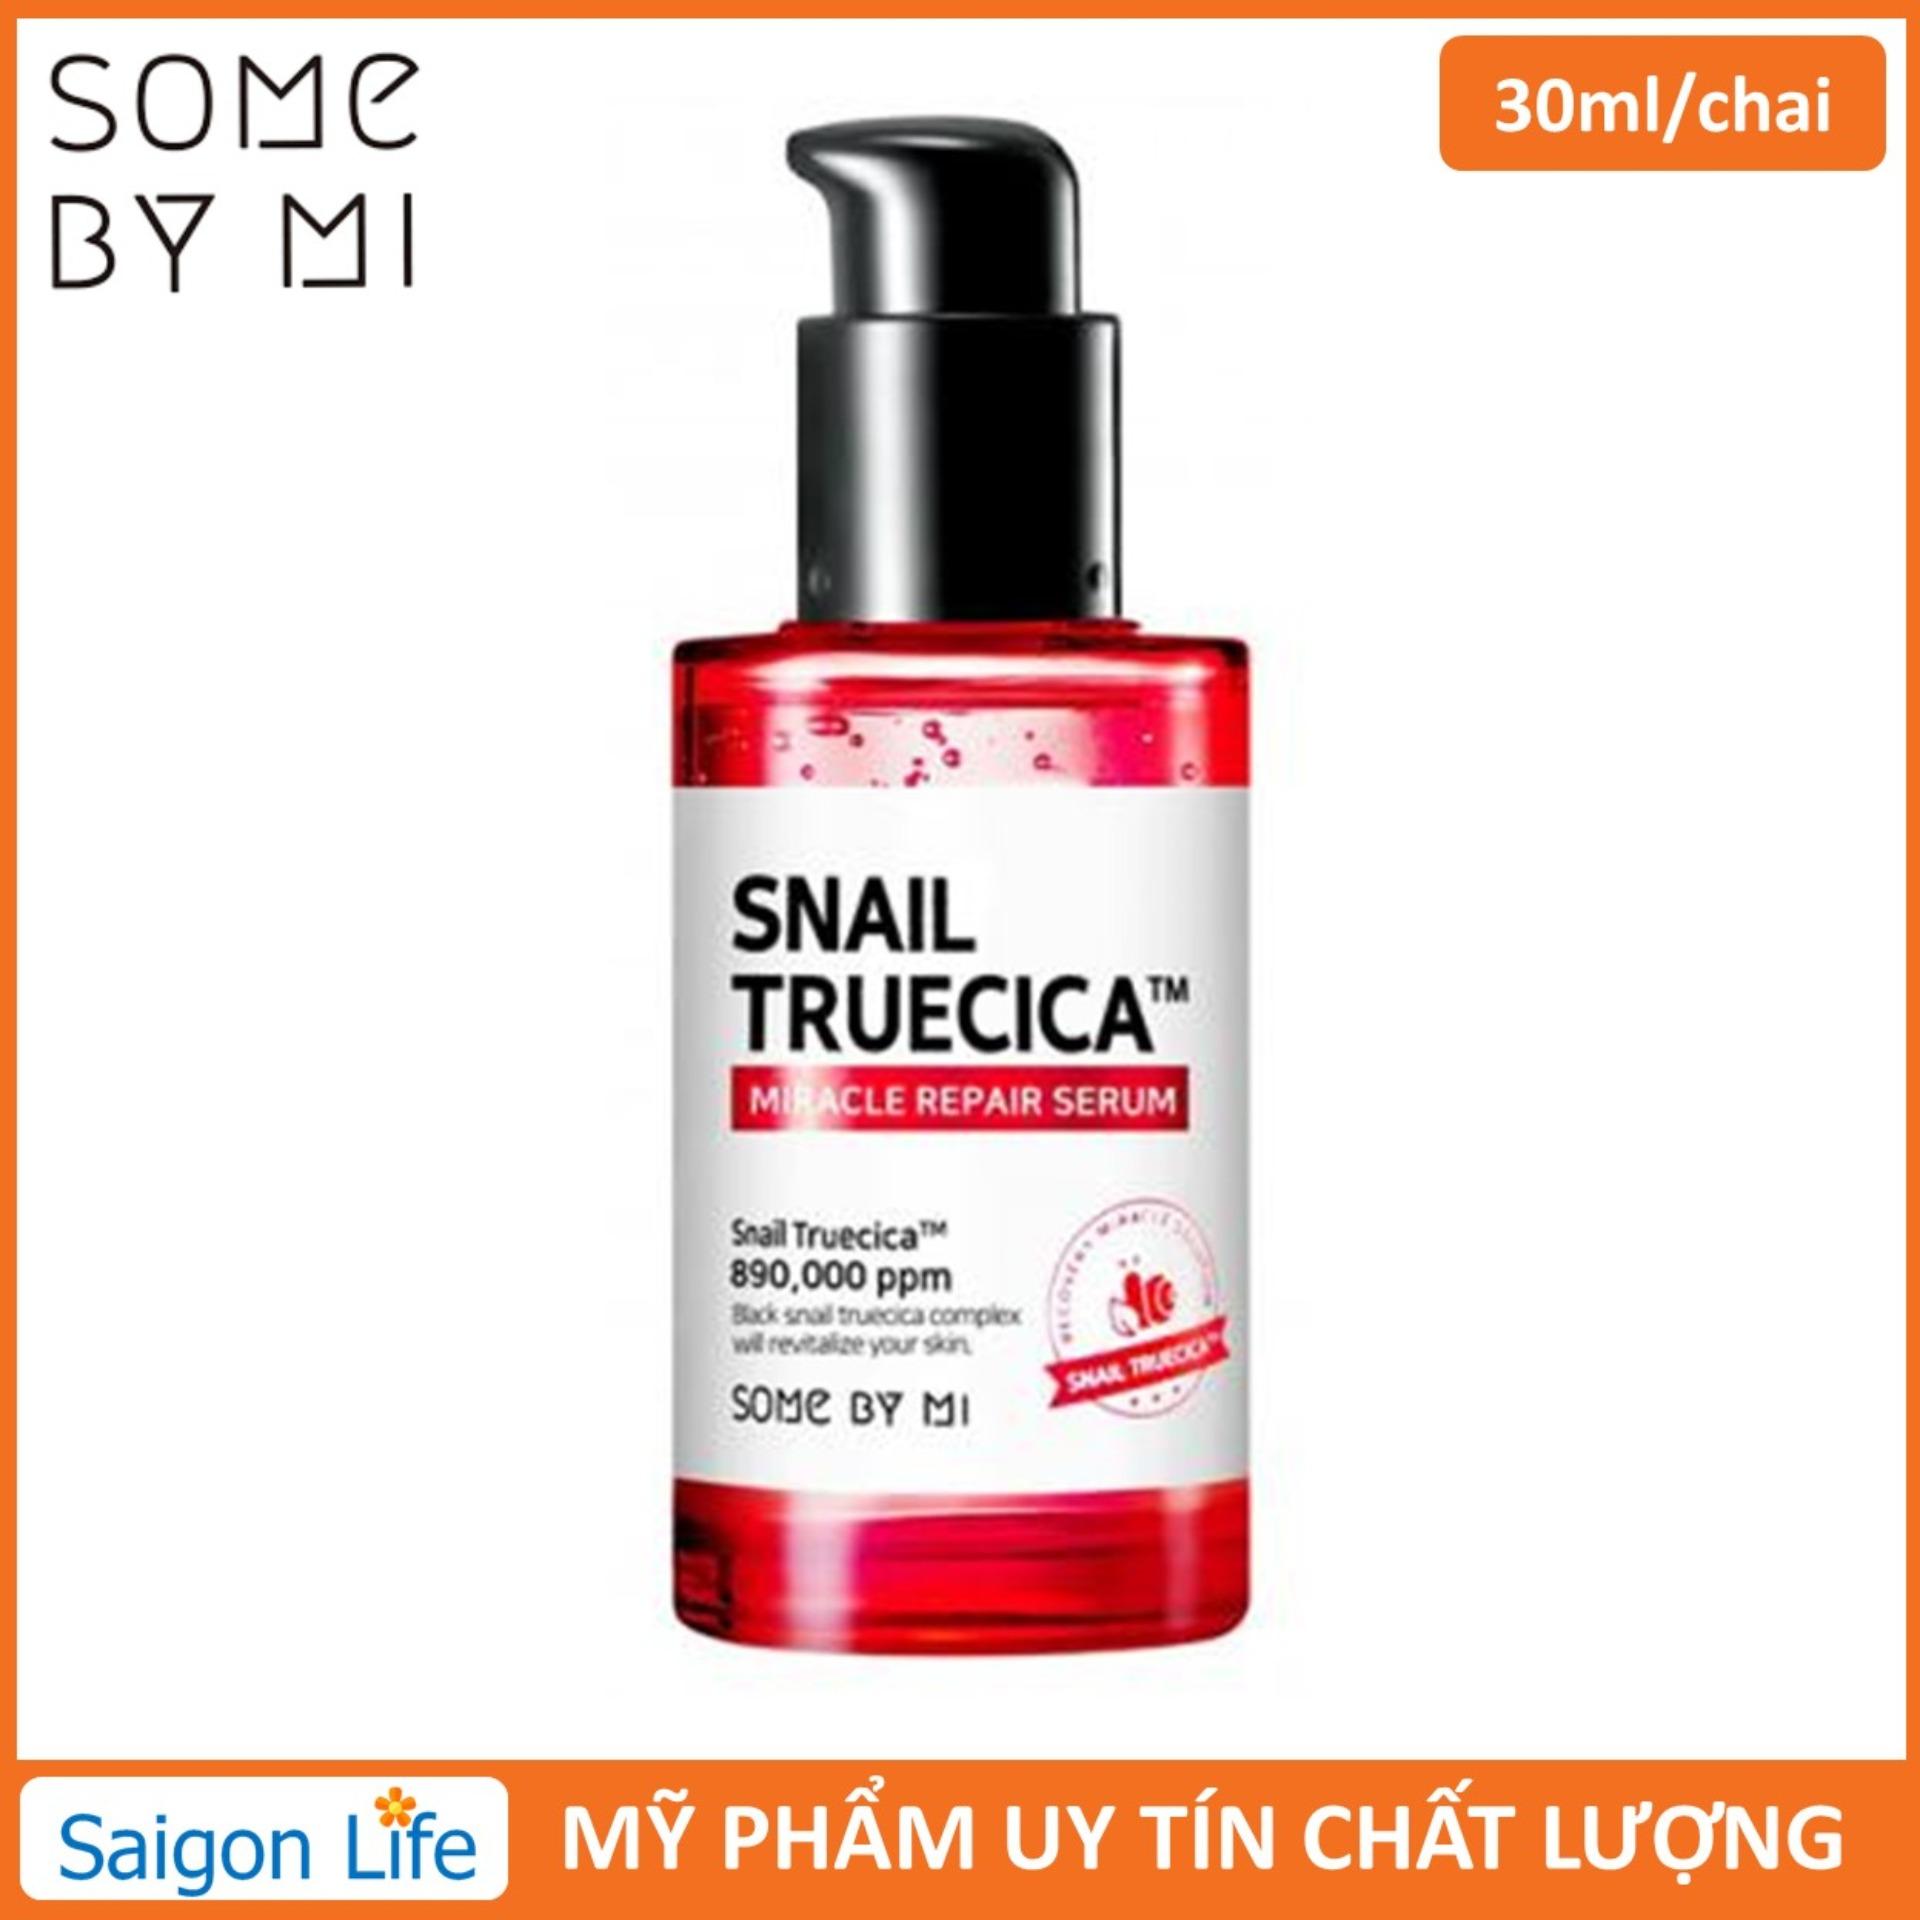 Tinh Chất Phục Hồi Làm Mờ Vết Thâm Se Khít Lỗ Chân Lông Some By Mi Snail Truecica Miracle Repair Serum 50ml